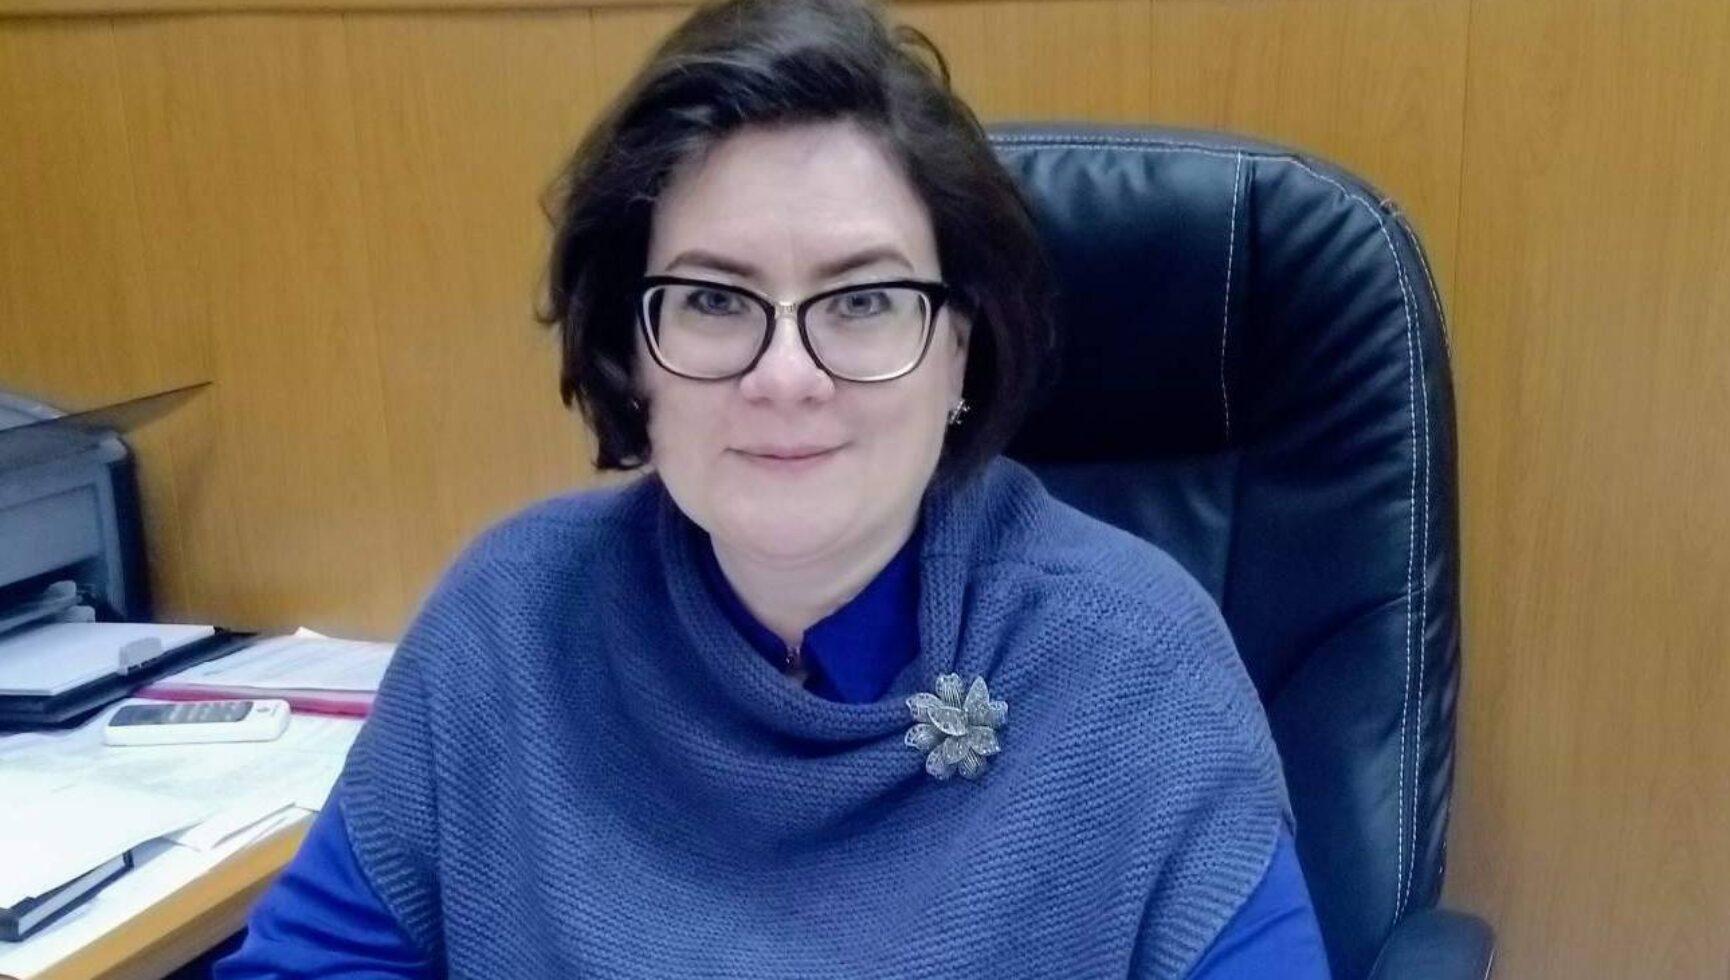 Поздравляем Карташову Марину Николаевну, председателя Ассоциации «СМО Тульской области», главу муниципального образования Узловский район, с Днем рождения!